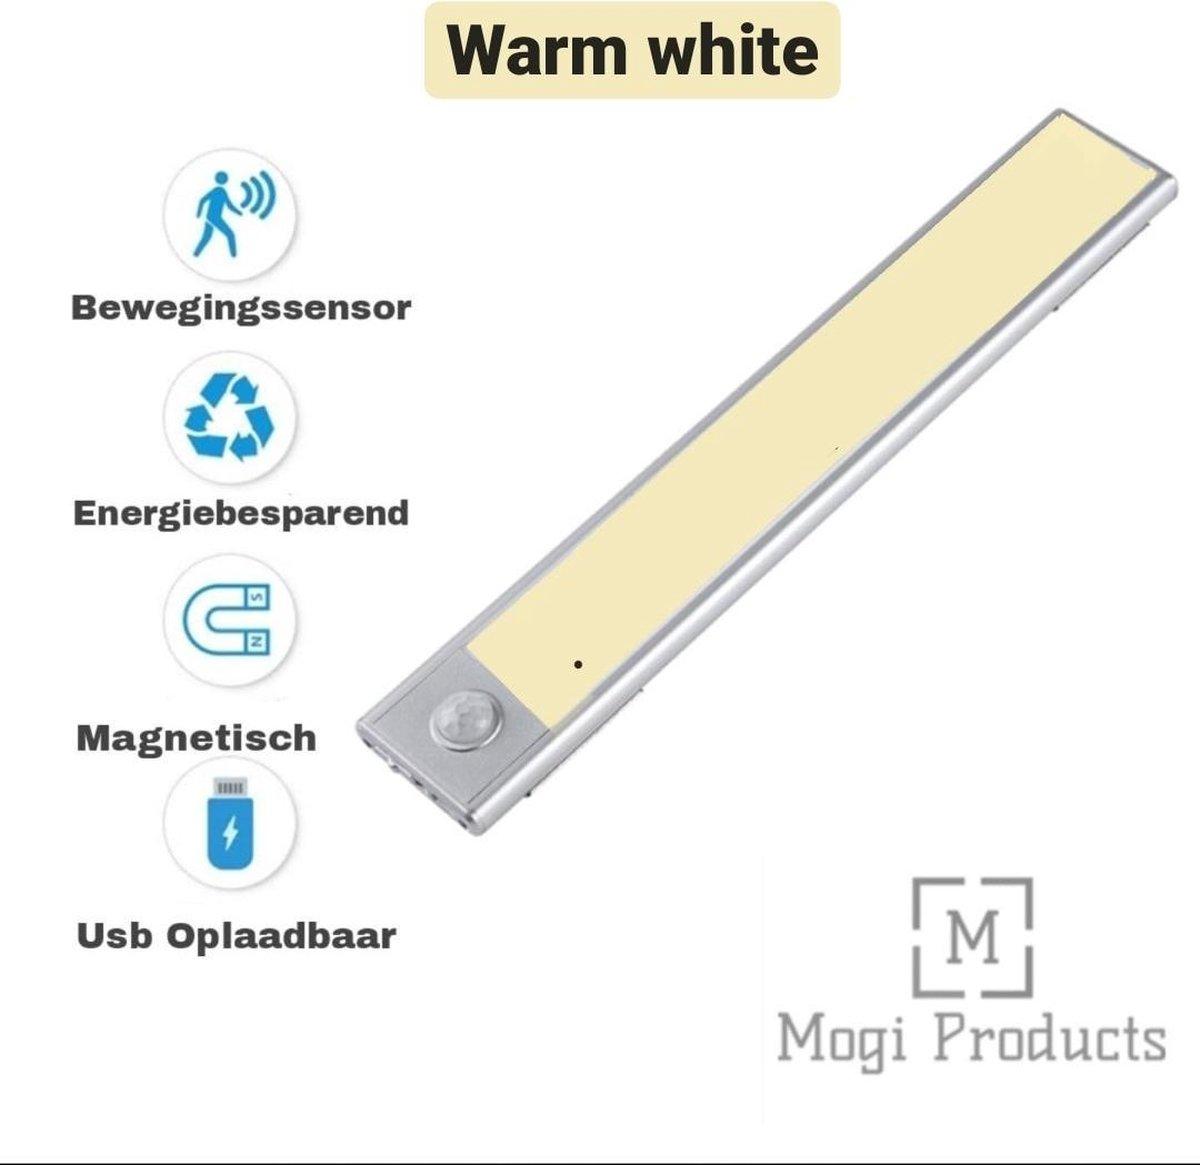 Mogi Products-Kastverlichting LED met bewegingssensor Warm white - Keukenlamp oplaadbaar - LED- Kast Verlichting Draadloos-Energiezuinig lampje - Led Strip-Led Lamp